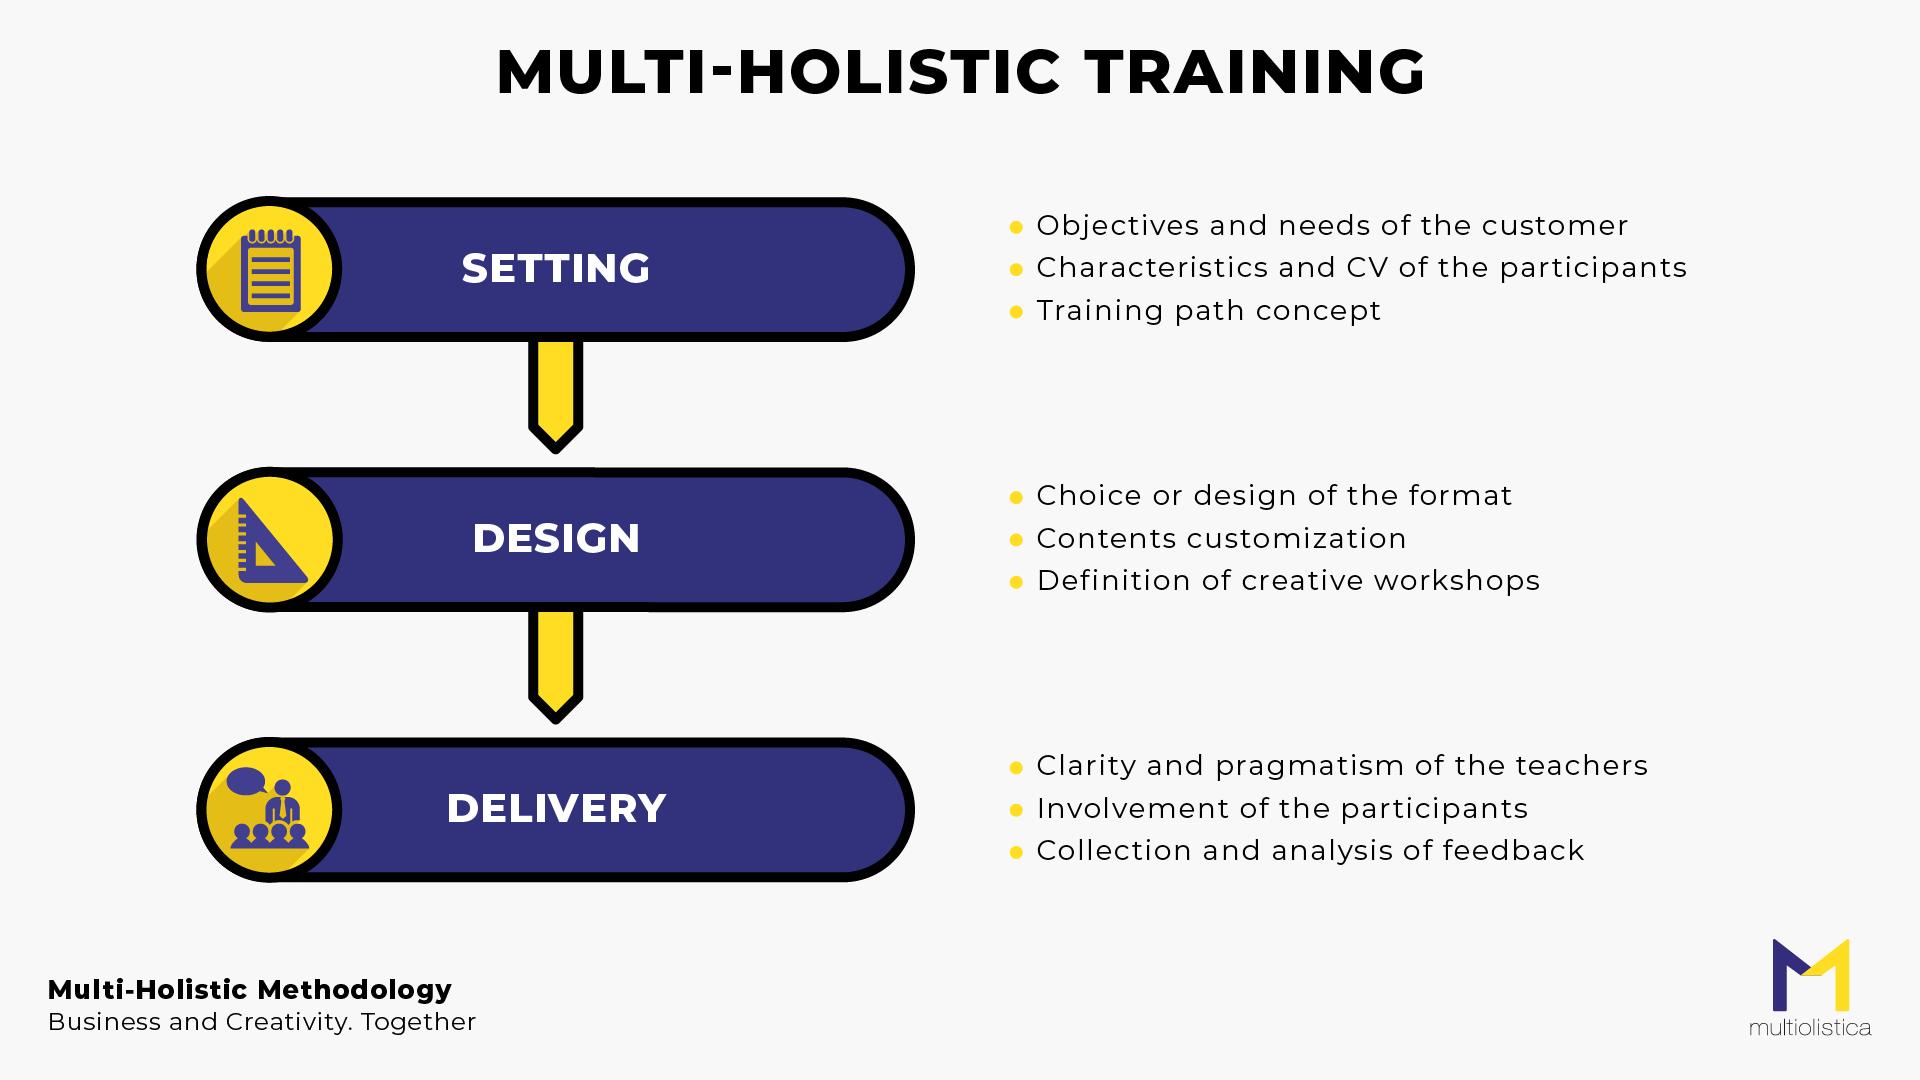 MultiOlistica_Training